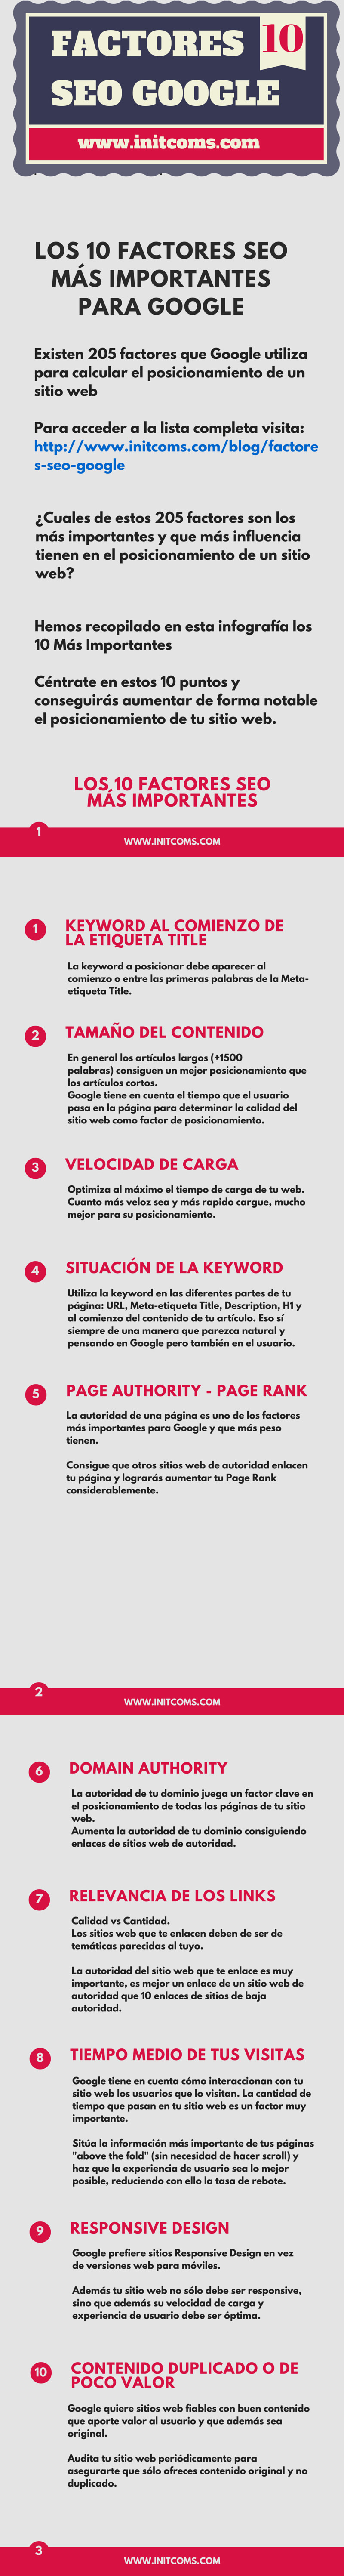 Los 200 factores de posicionamiento SEO de Google INFOGRAFIA